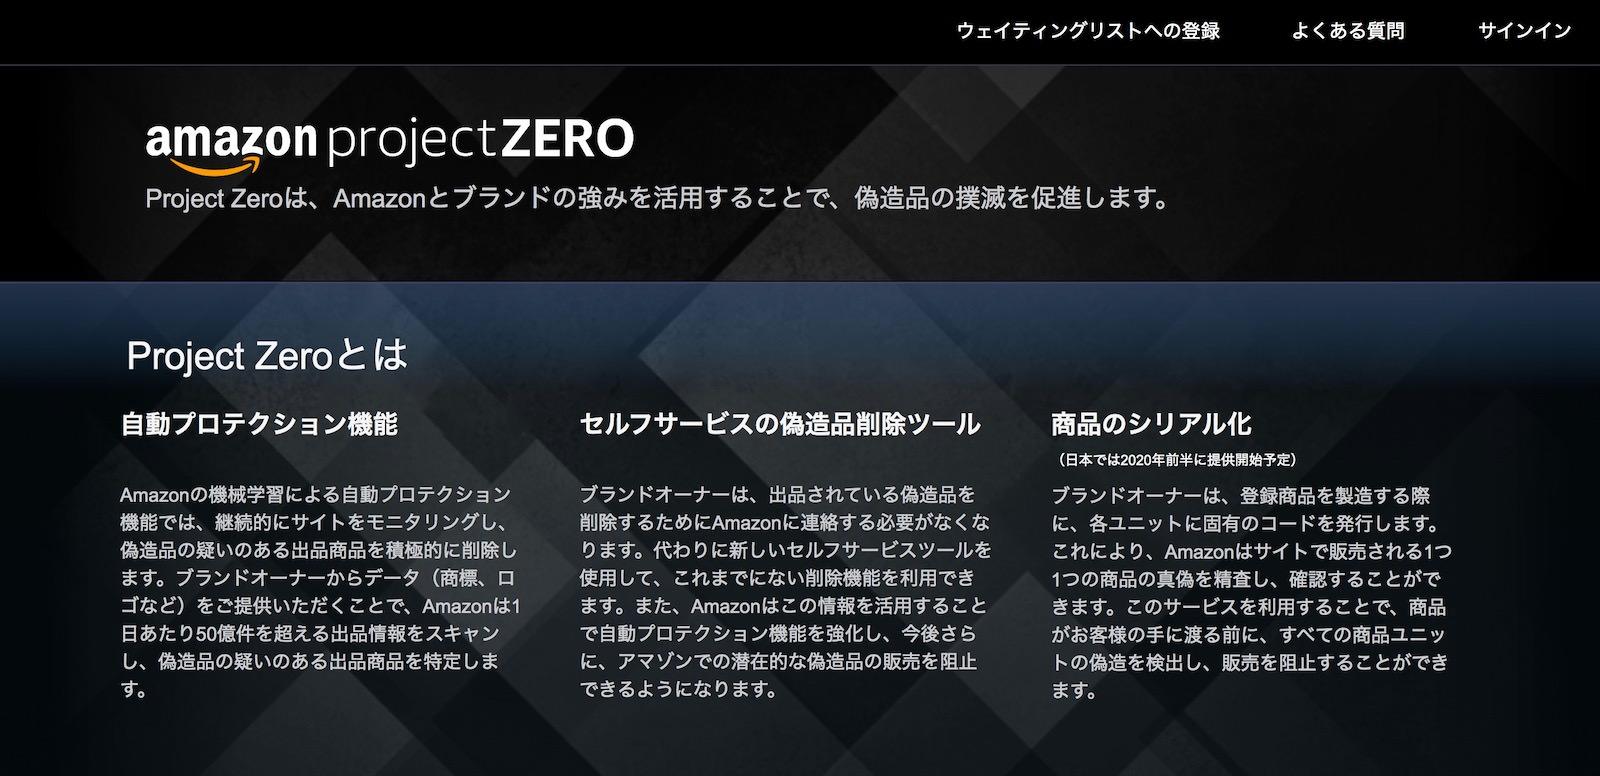 Amazon projectzero